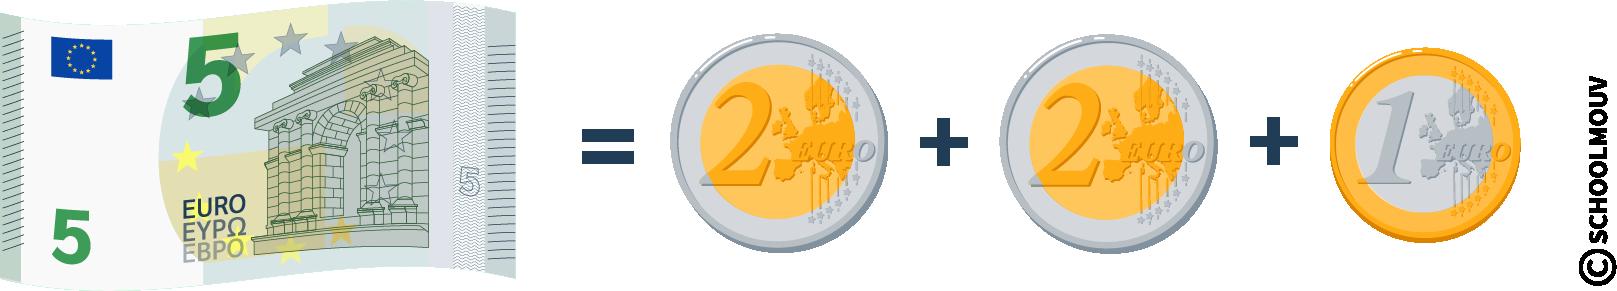 Équivalence entre billets et pièces - cinq euros - deux euros - un euro - SchoolMouv - Maths - CE1